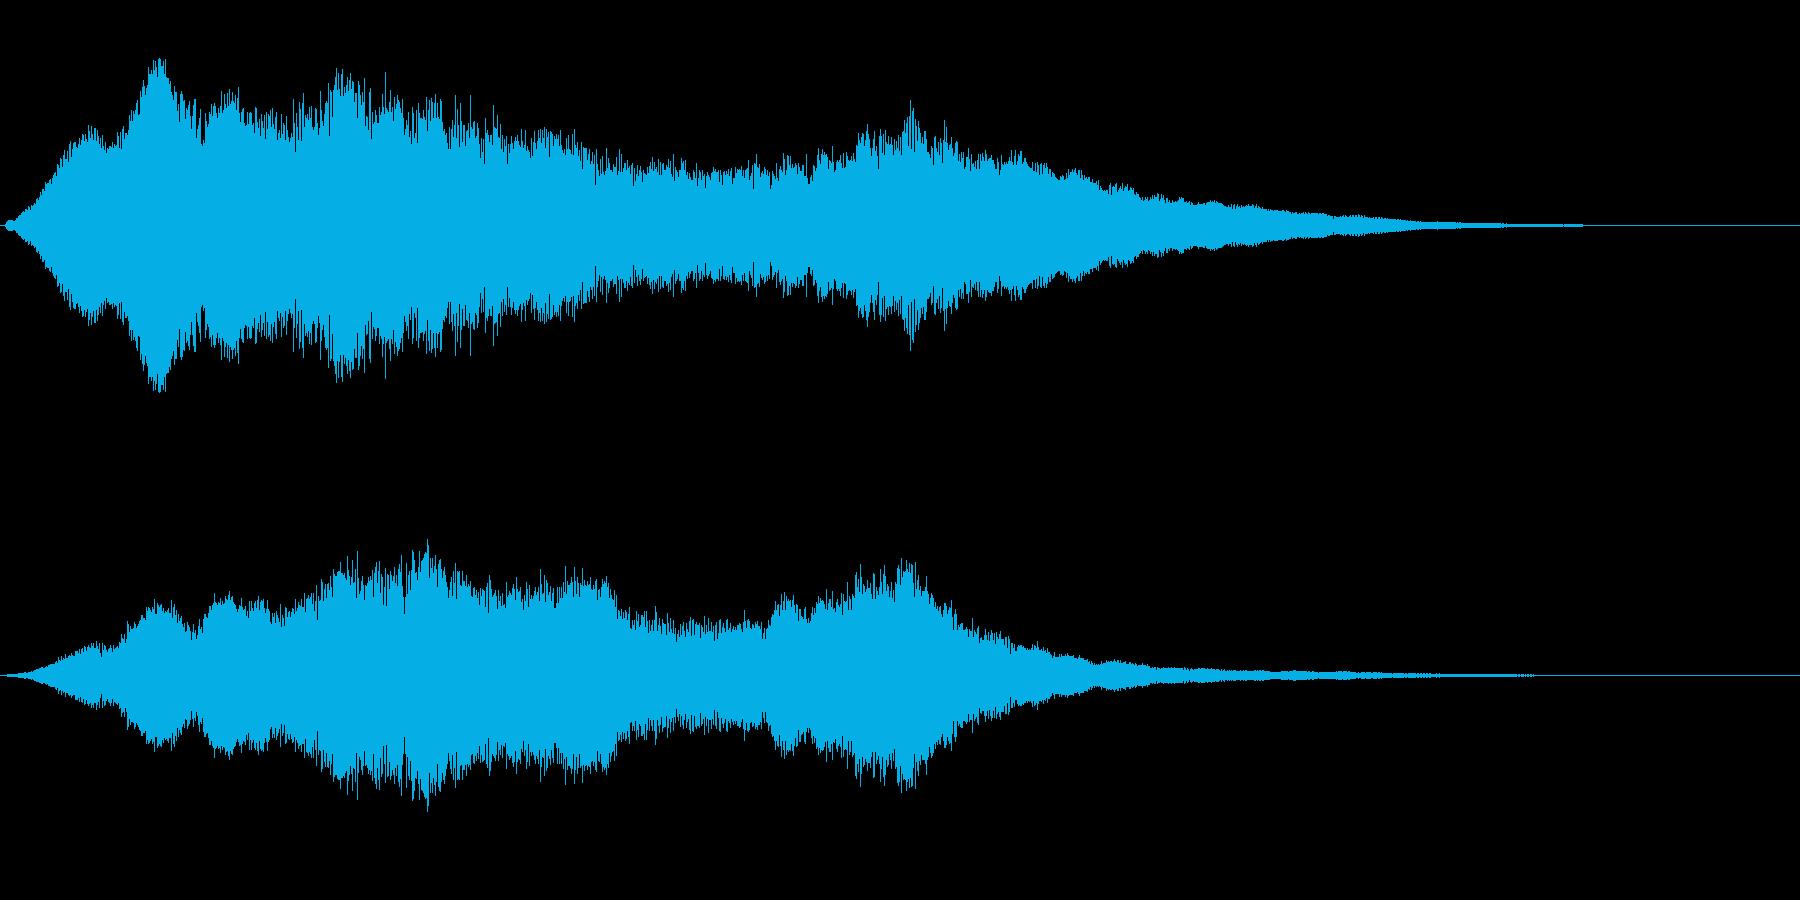 恐怖感のある金属的効果音の再生済みの波形